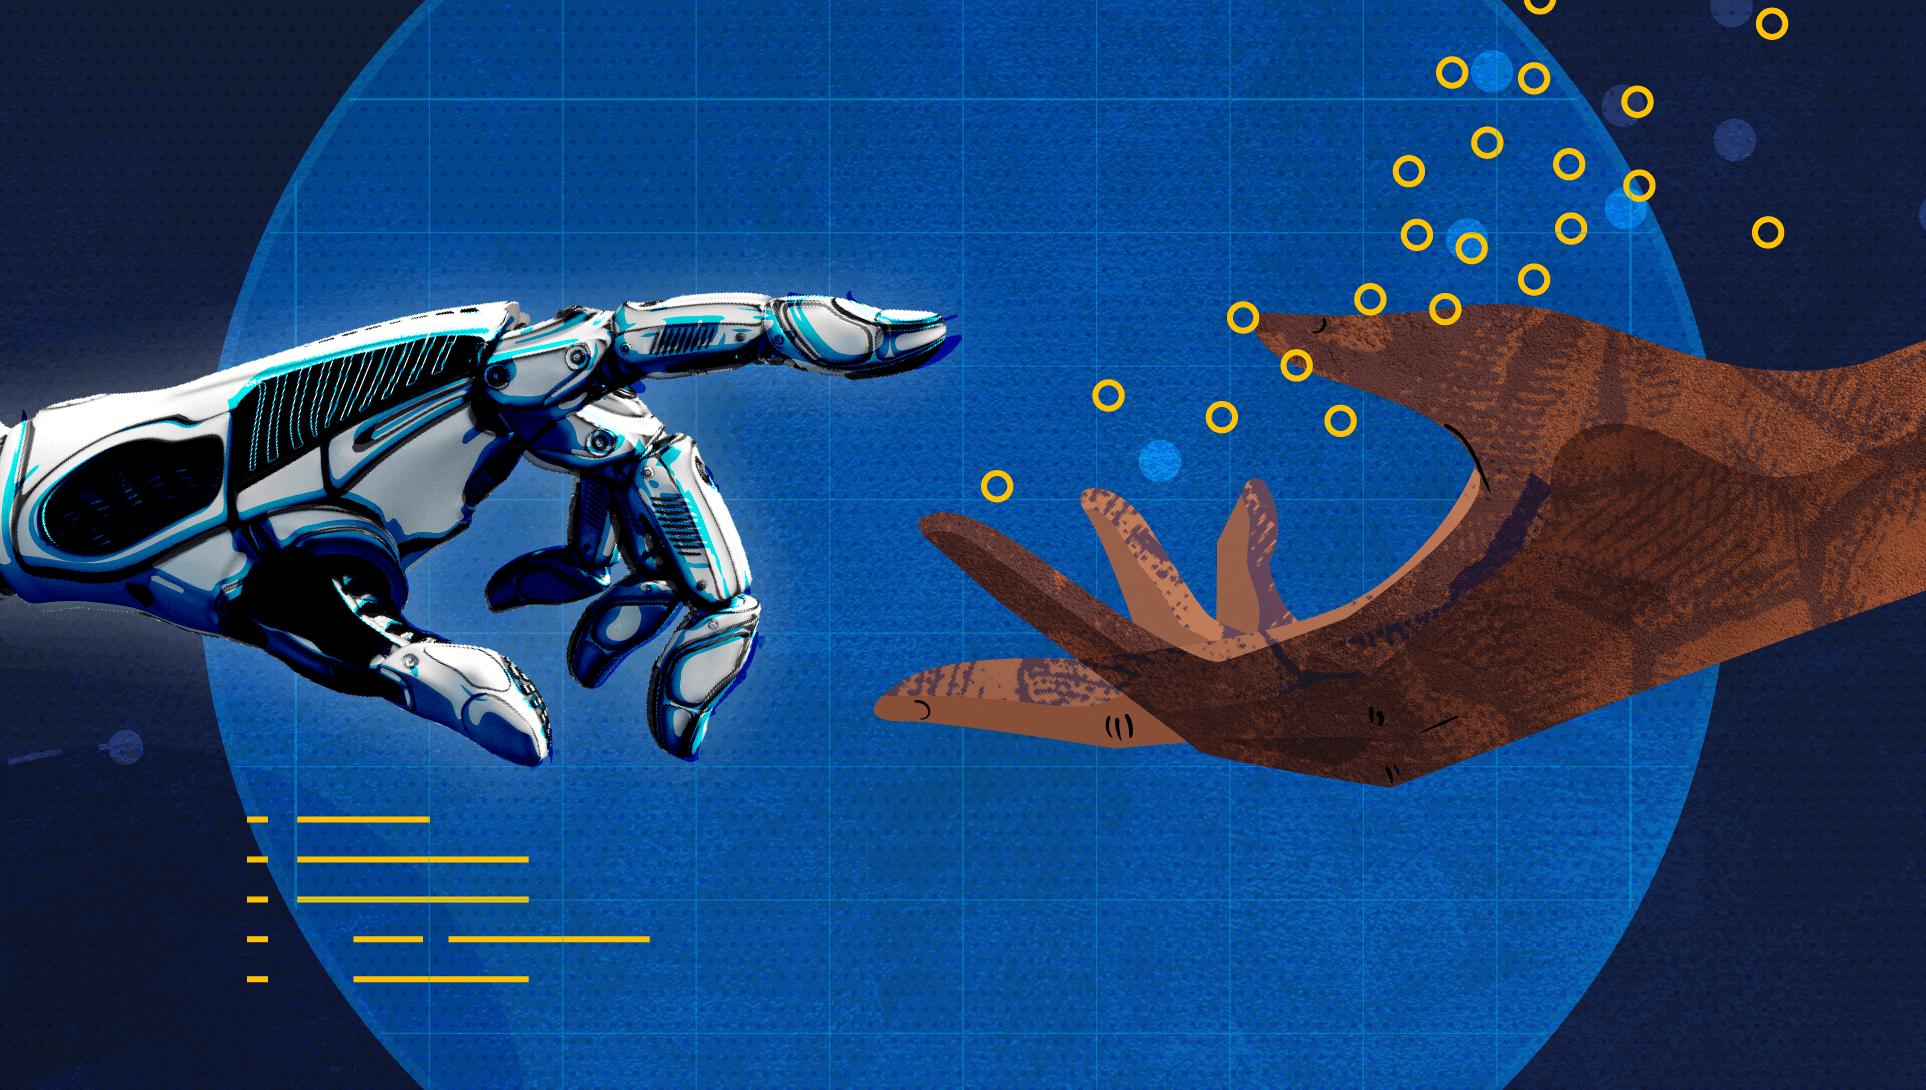 Ամերիկյան AI ստարտափները 2019թ.-ին ներգրավել են ռեկորդային 18.5 մլրդ դոլար